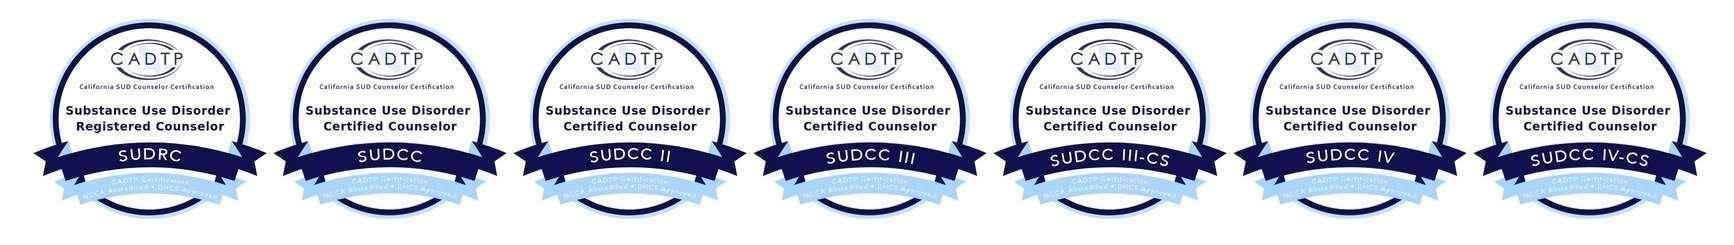 CADTP Certification Badges